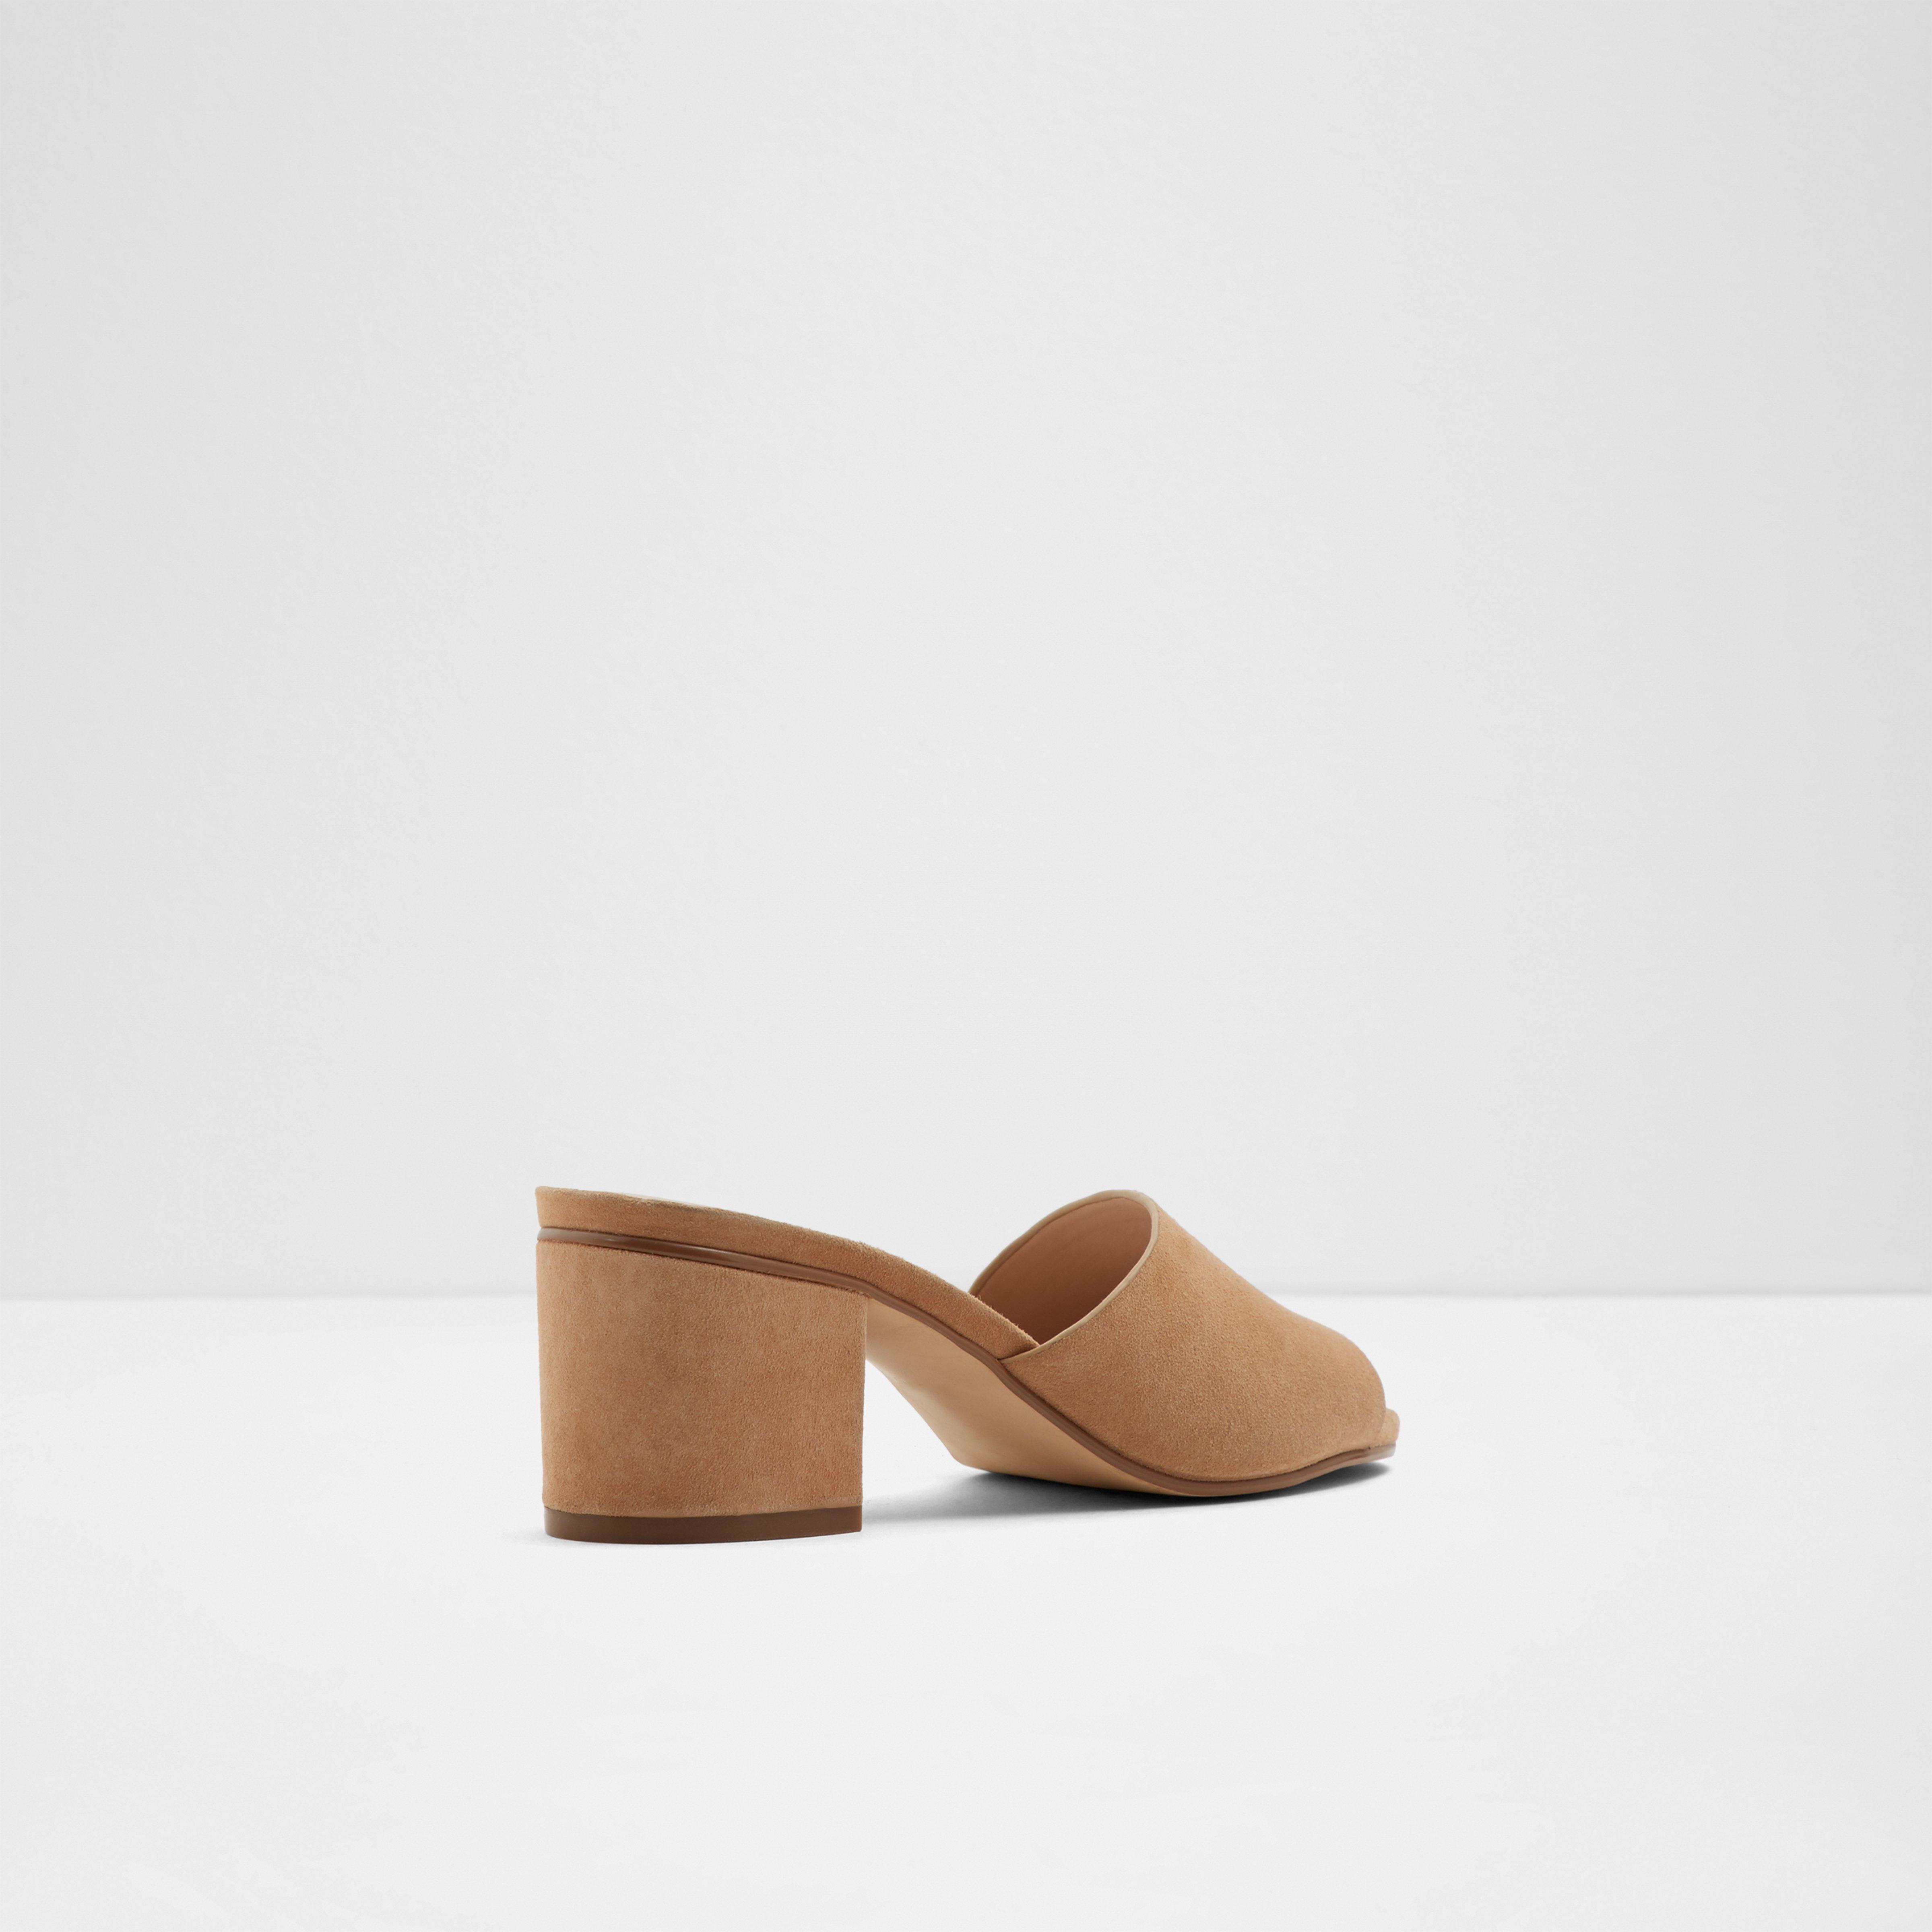 ALDO Leather Kedireclya Block Heel Mule